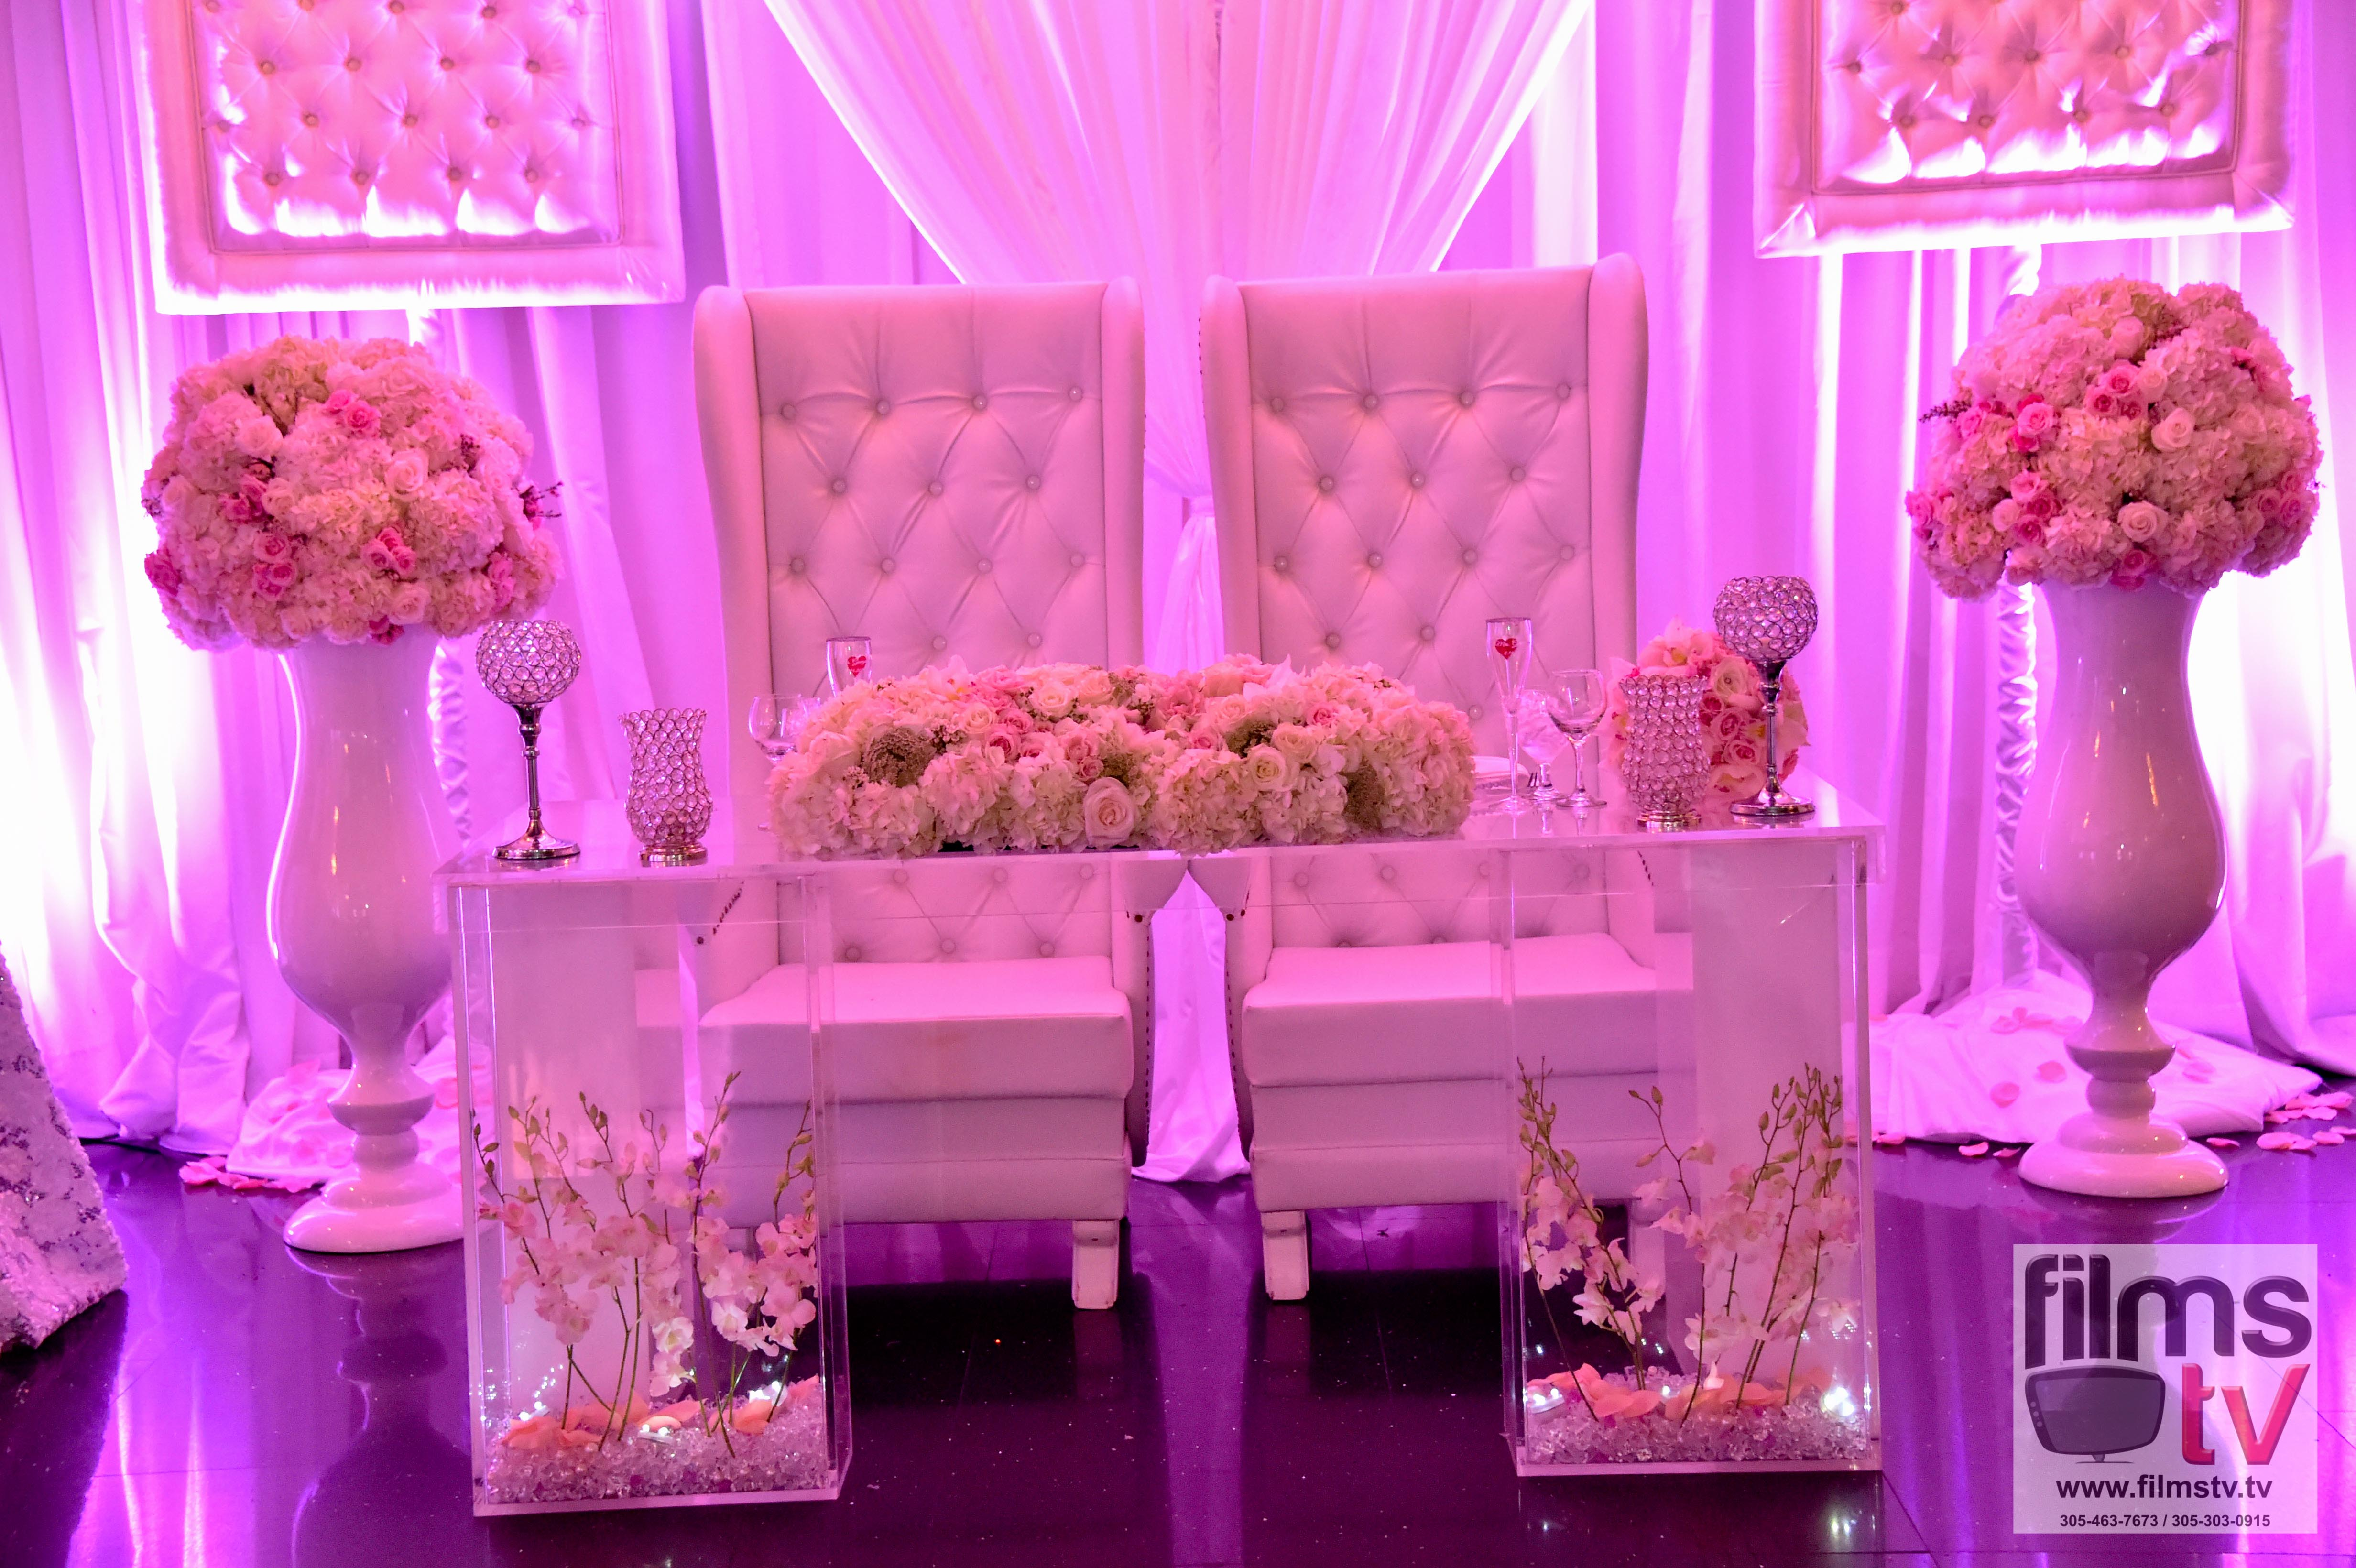 Aqua Reception Hall Wedding Venue in South Florida | PartySpace